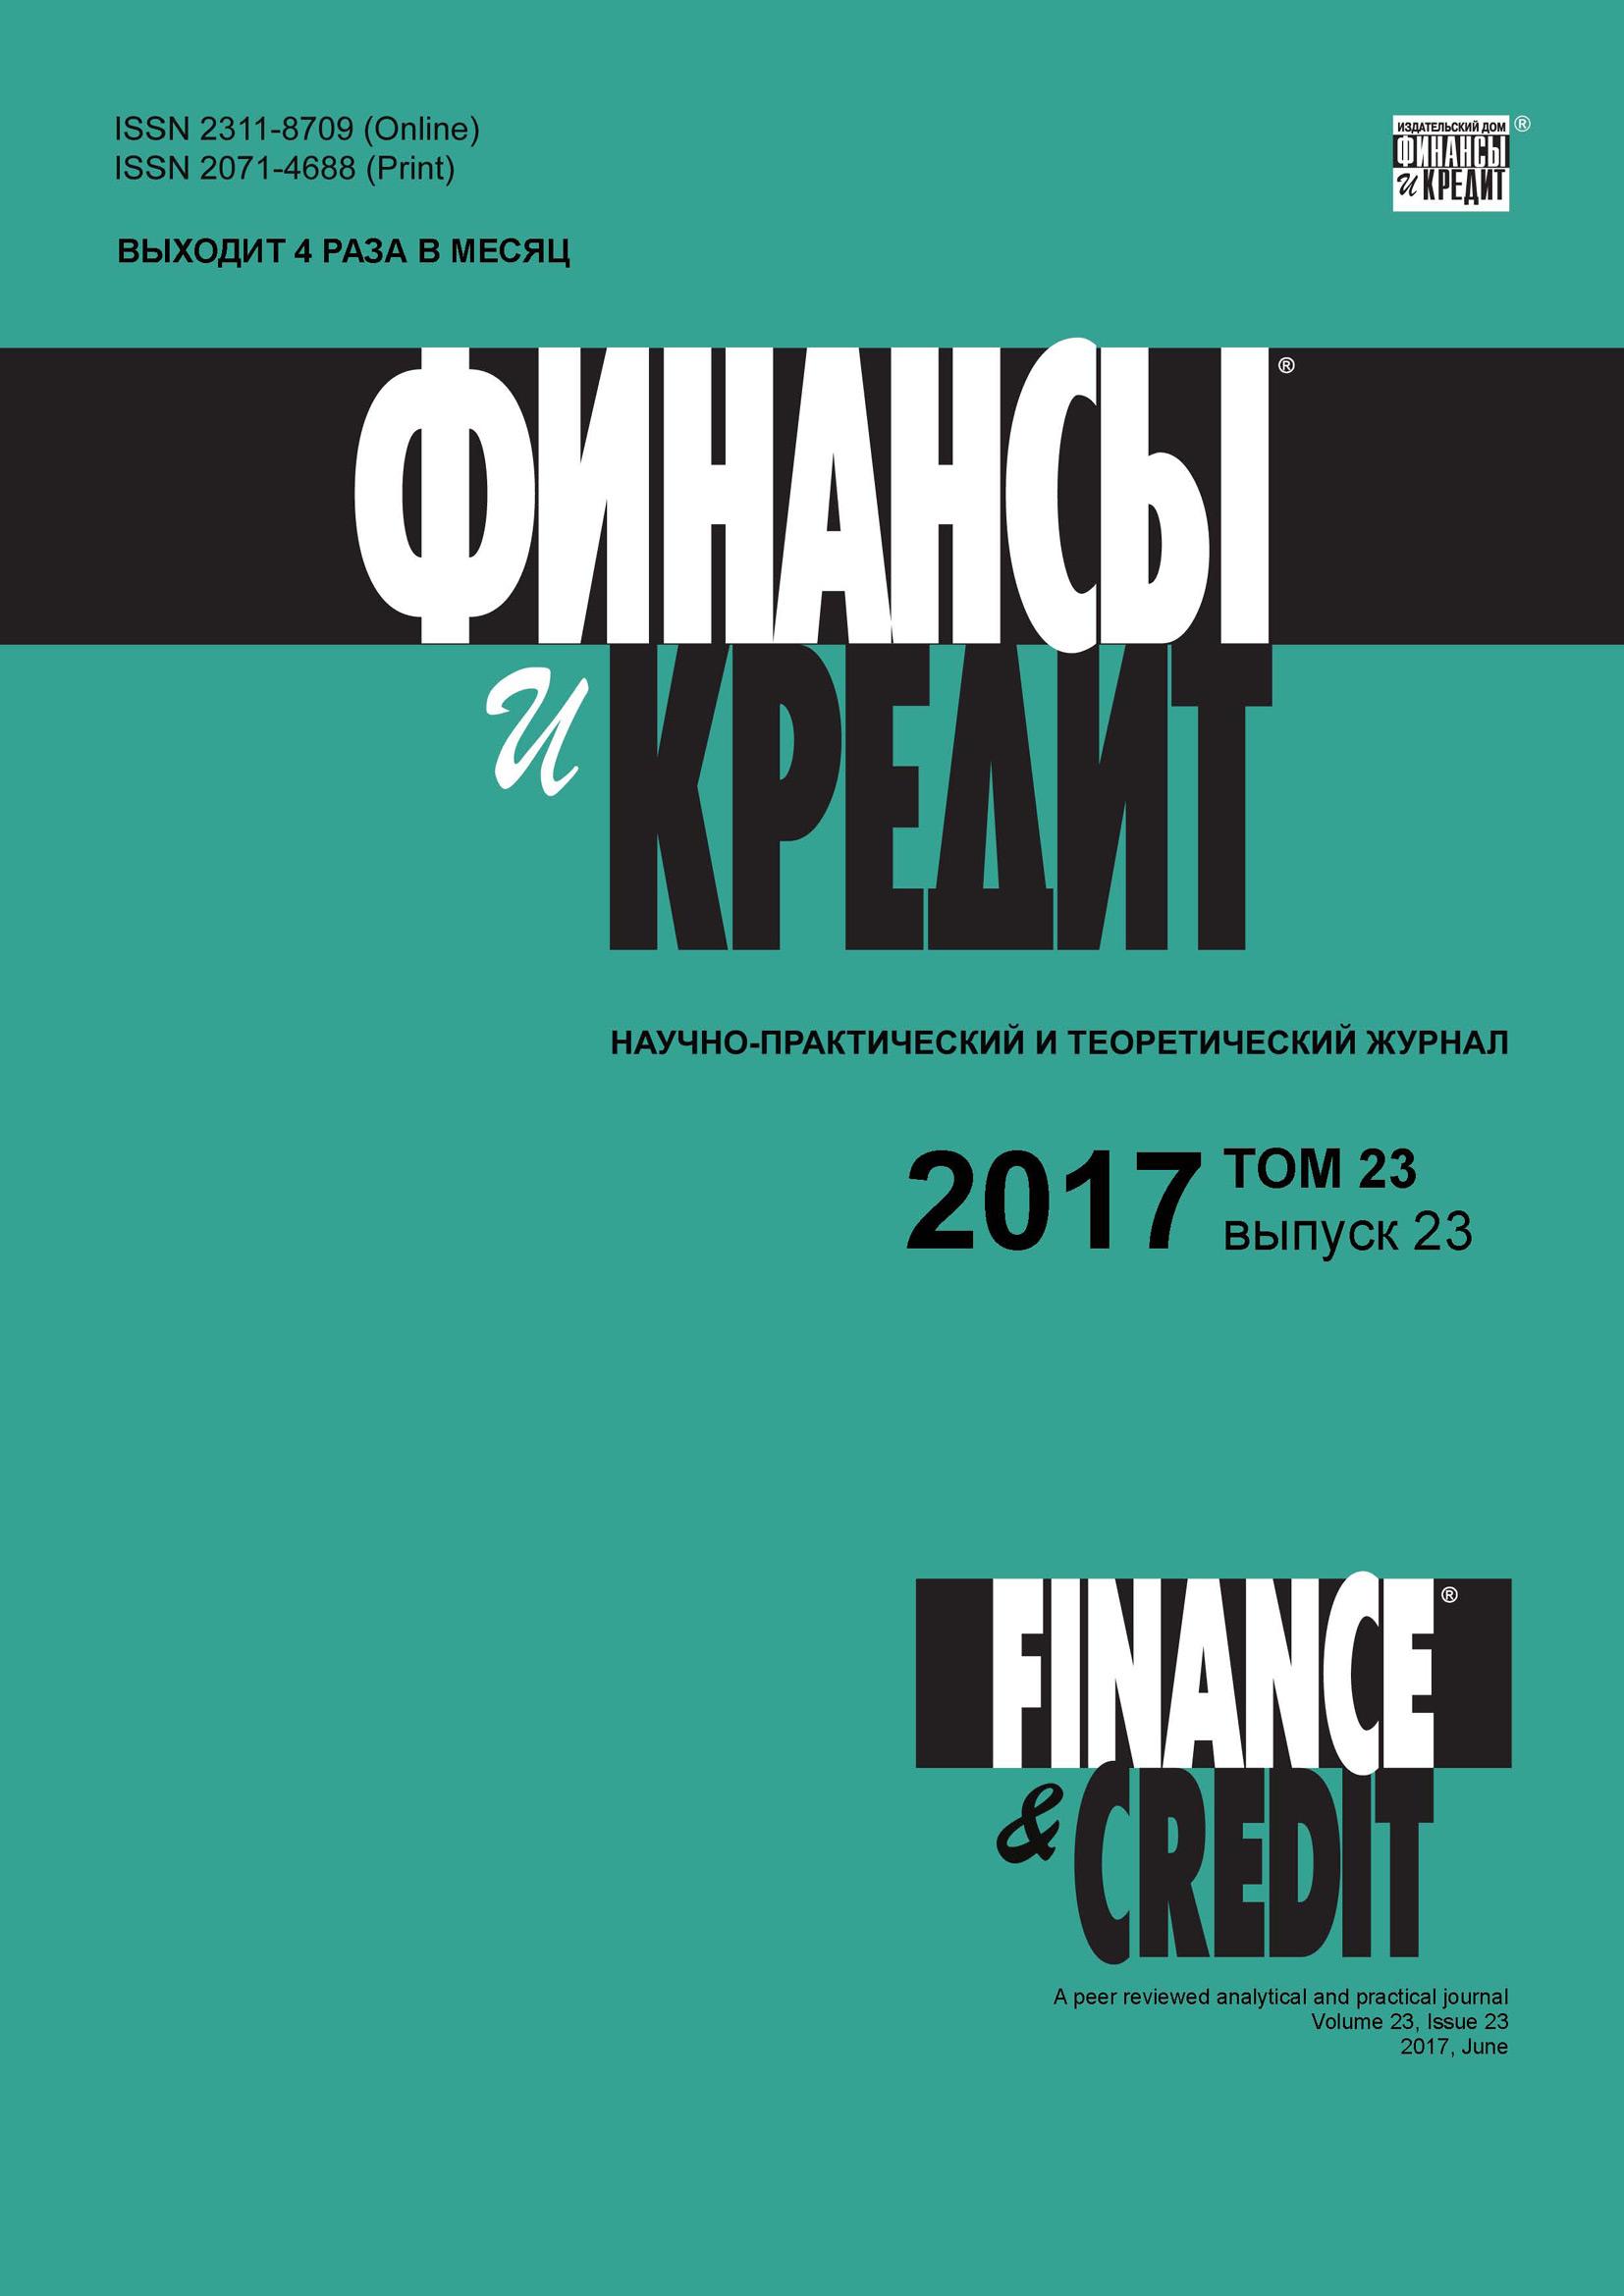 Финансы и Кредит № 23 2017